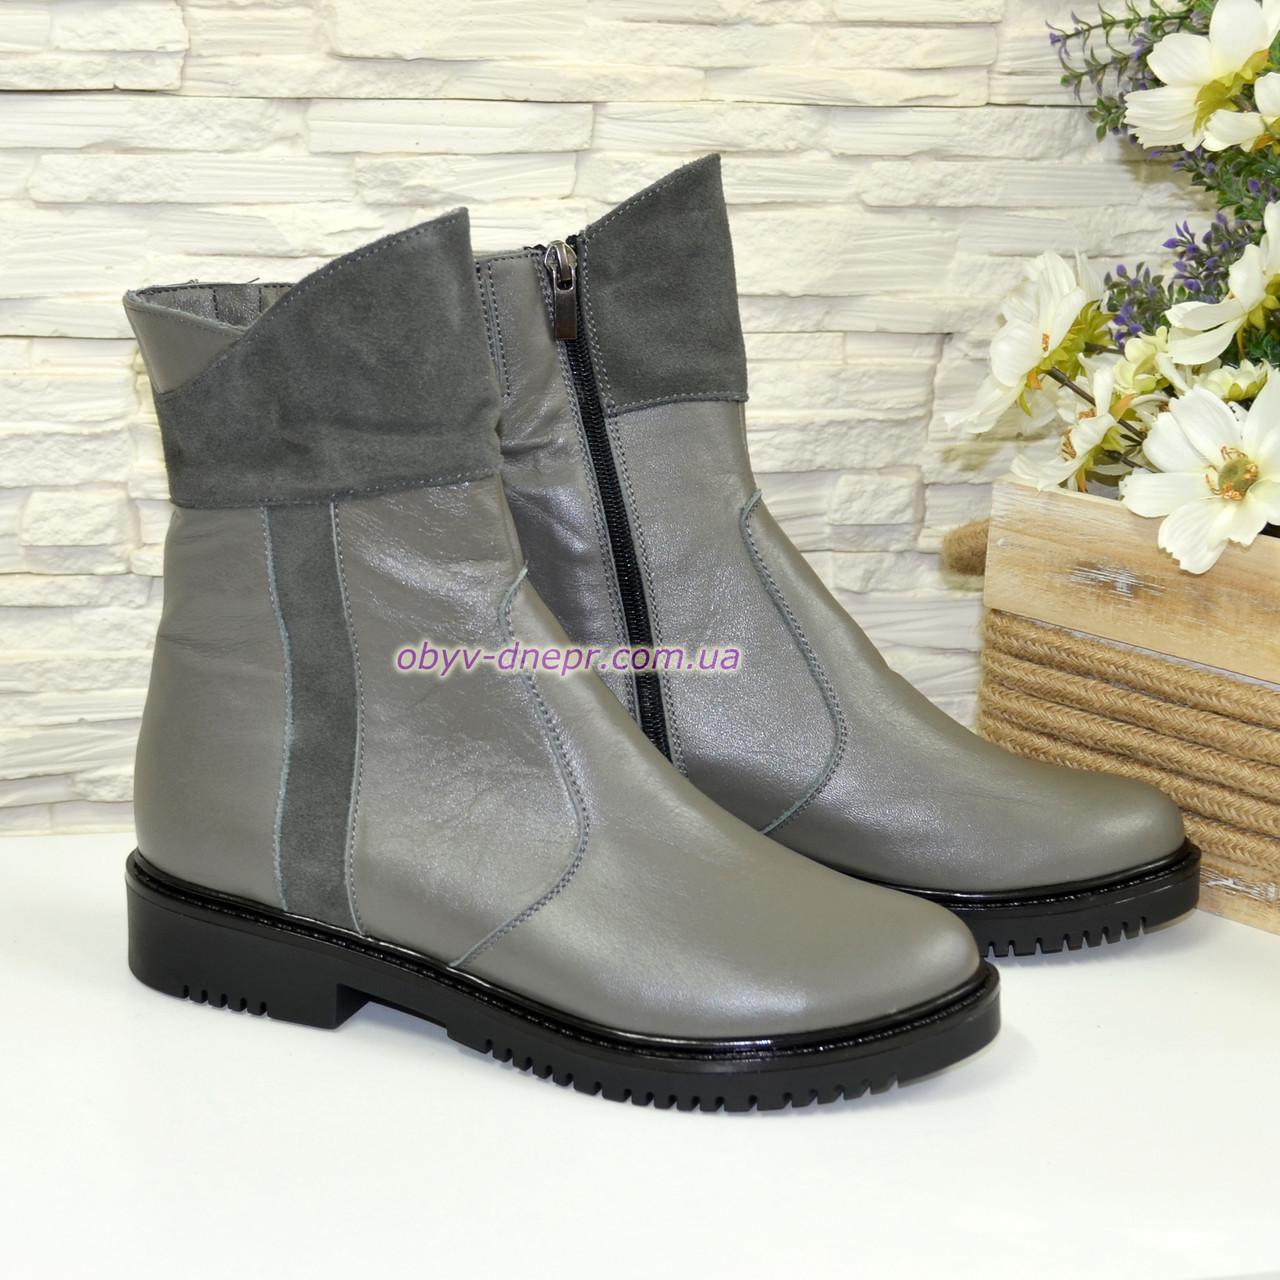 bd3d94039 Ботинки женские зимние из натуральной кожи и замши серого цвета ...